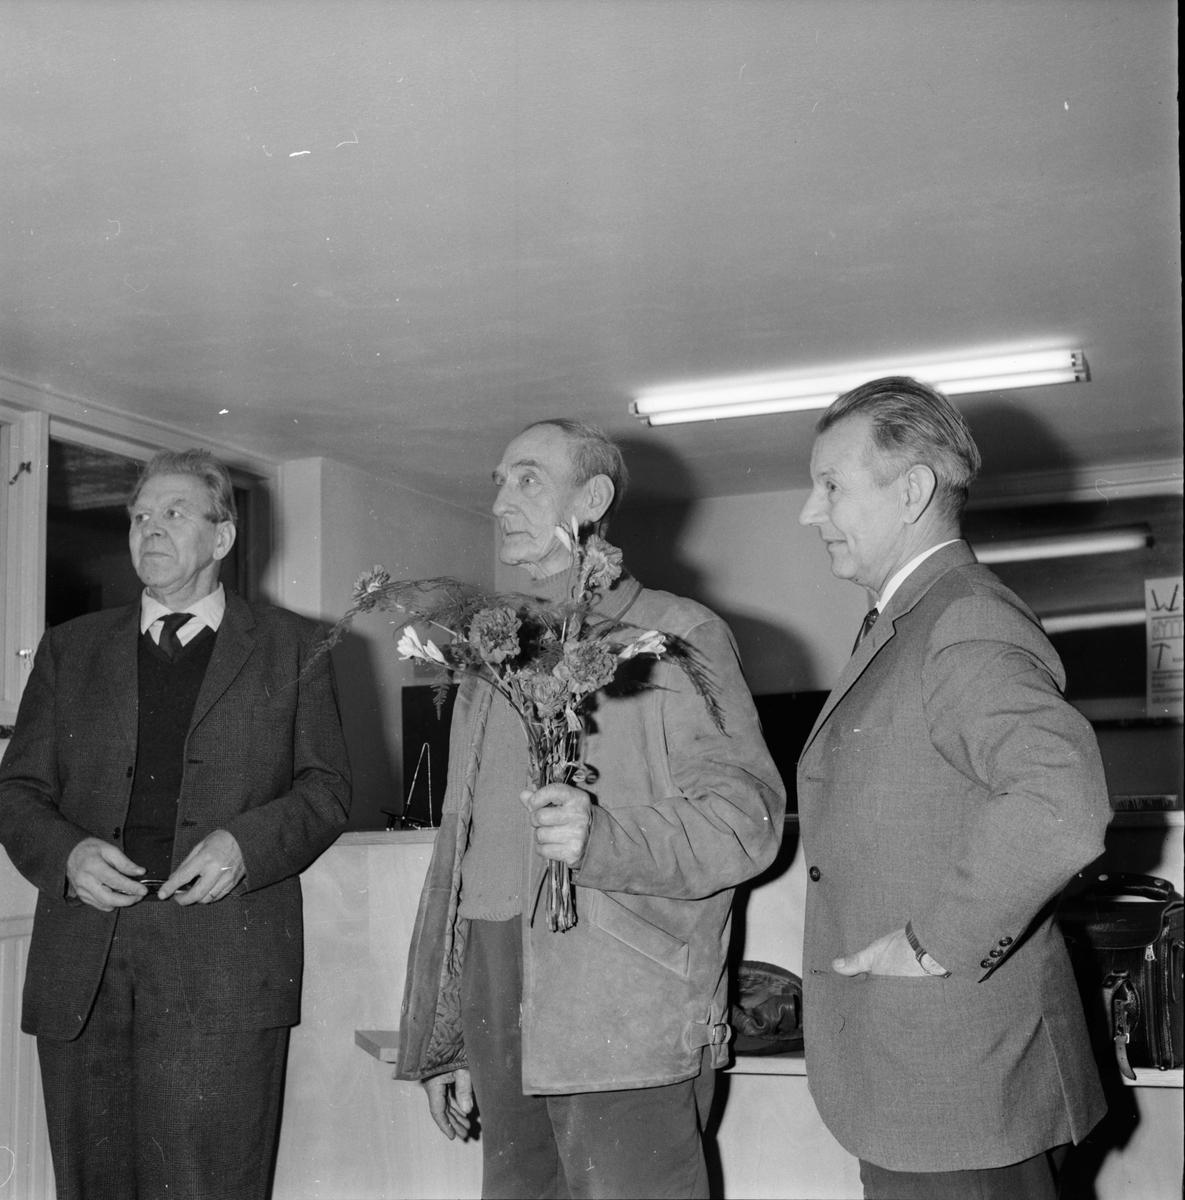 Landafors, Sparbankslokal, Hammarström, T Roine, 8 Jan 1965